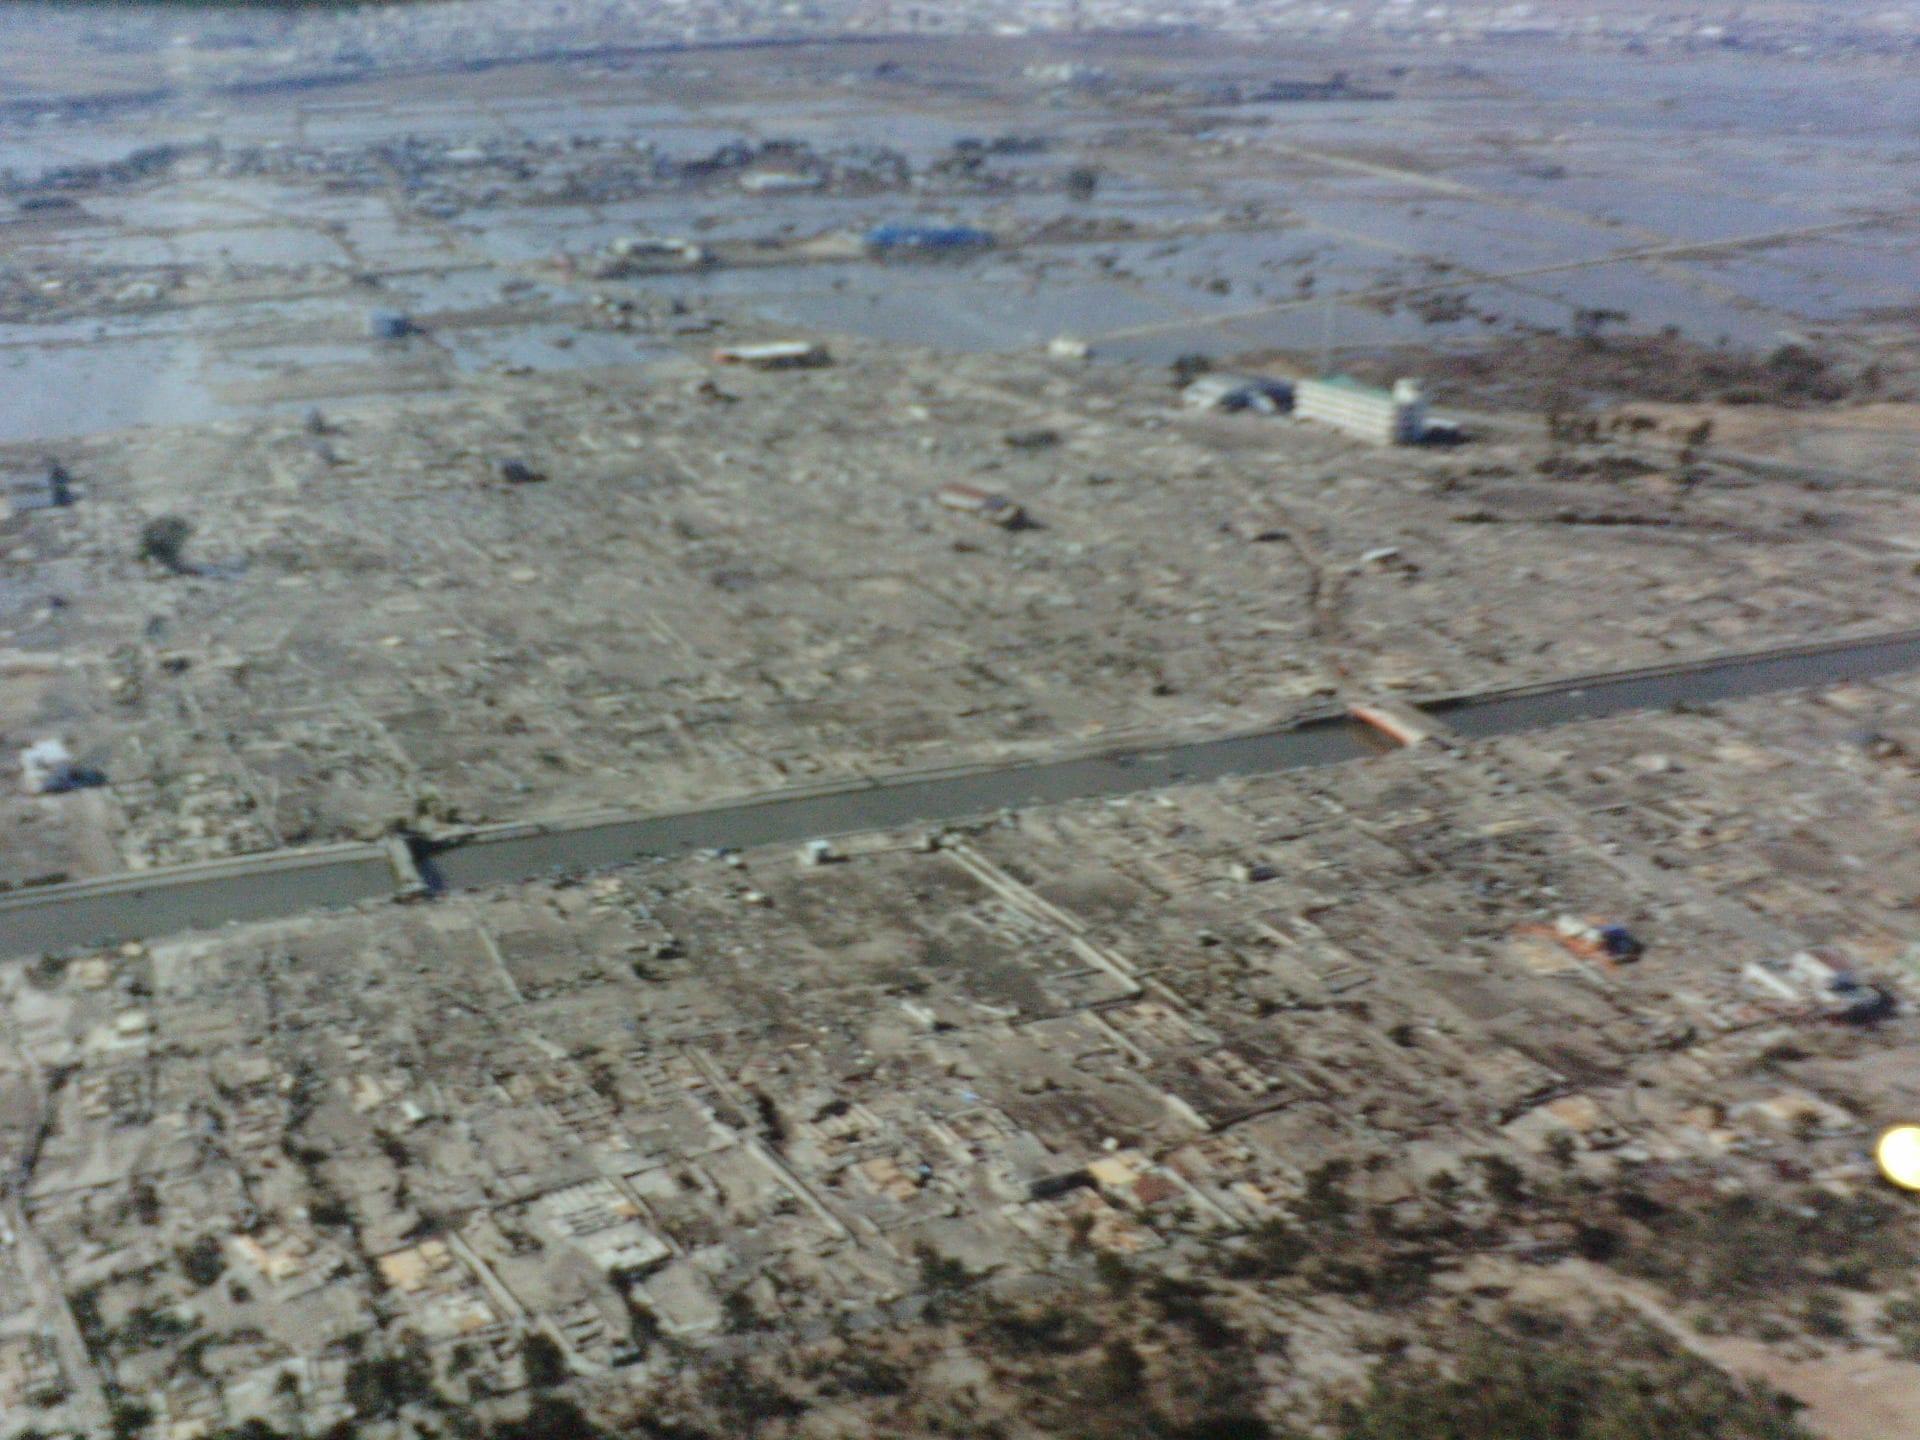 東日本大震災(⑧;仙台市付近沿岸の津波被害(1)) - とりあえずやってみっかなぁ